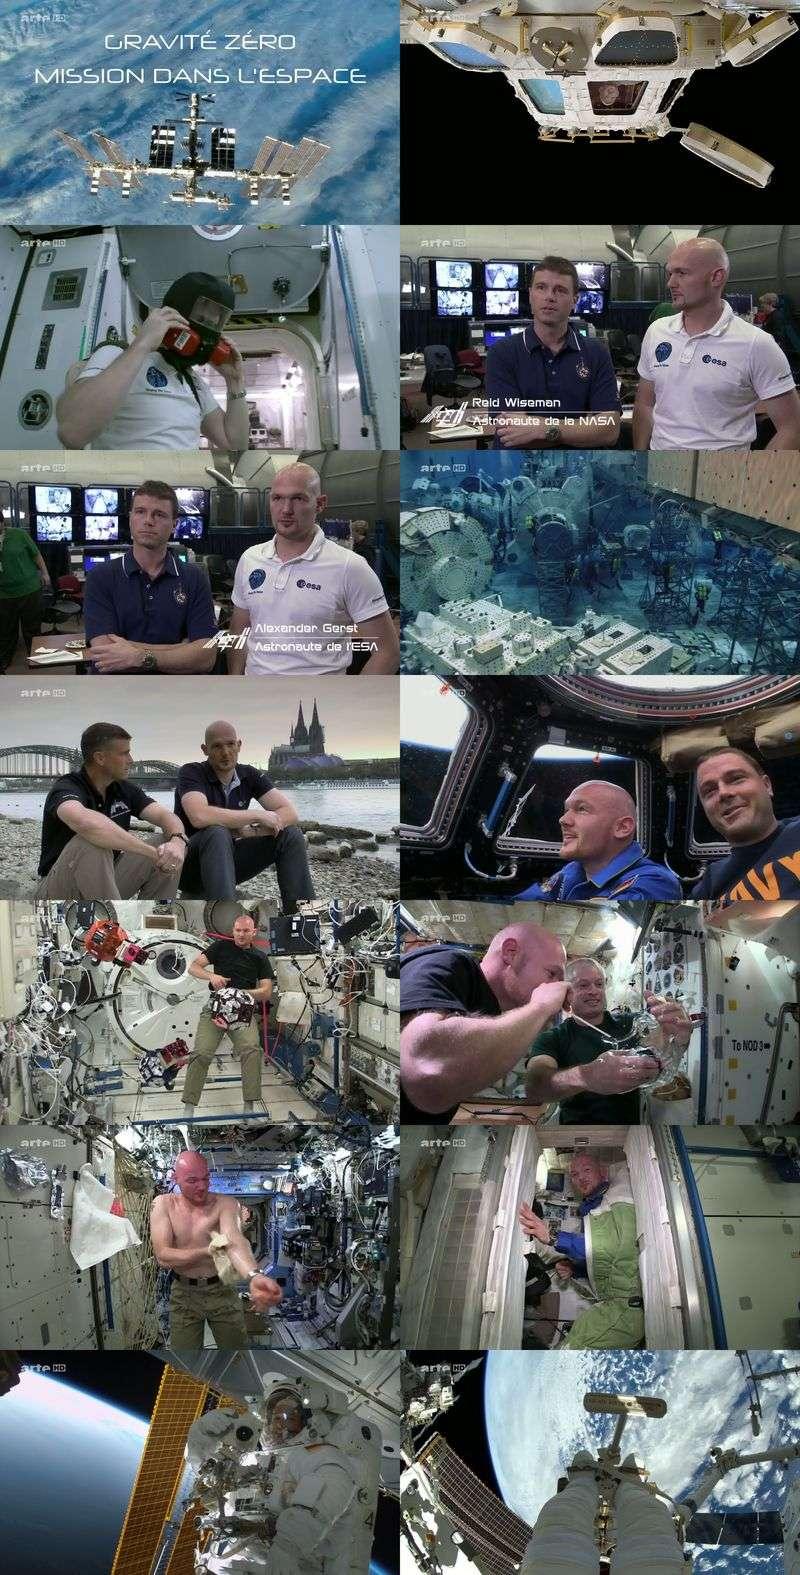 Gravité Zéro - Mission dans l'espace - 7 Août 2015 - ARTE Panora11